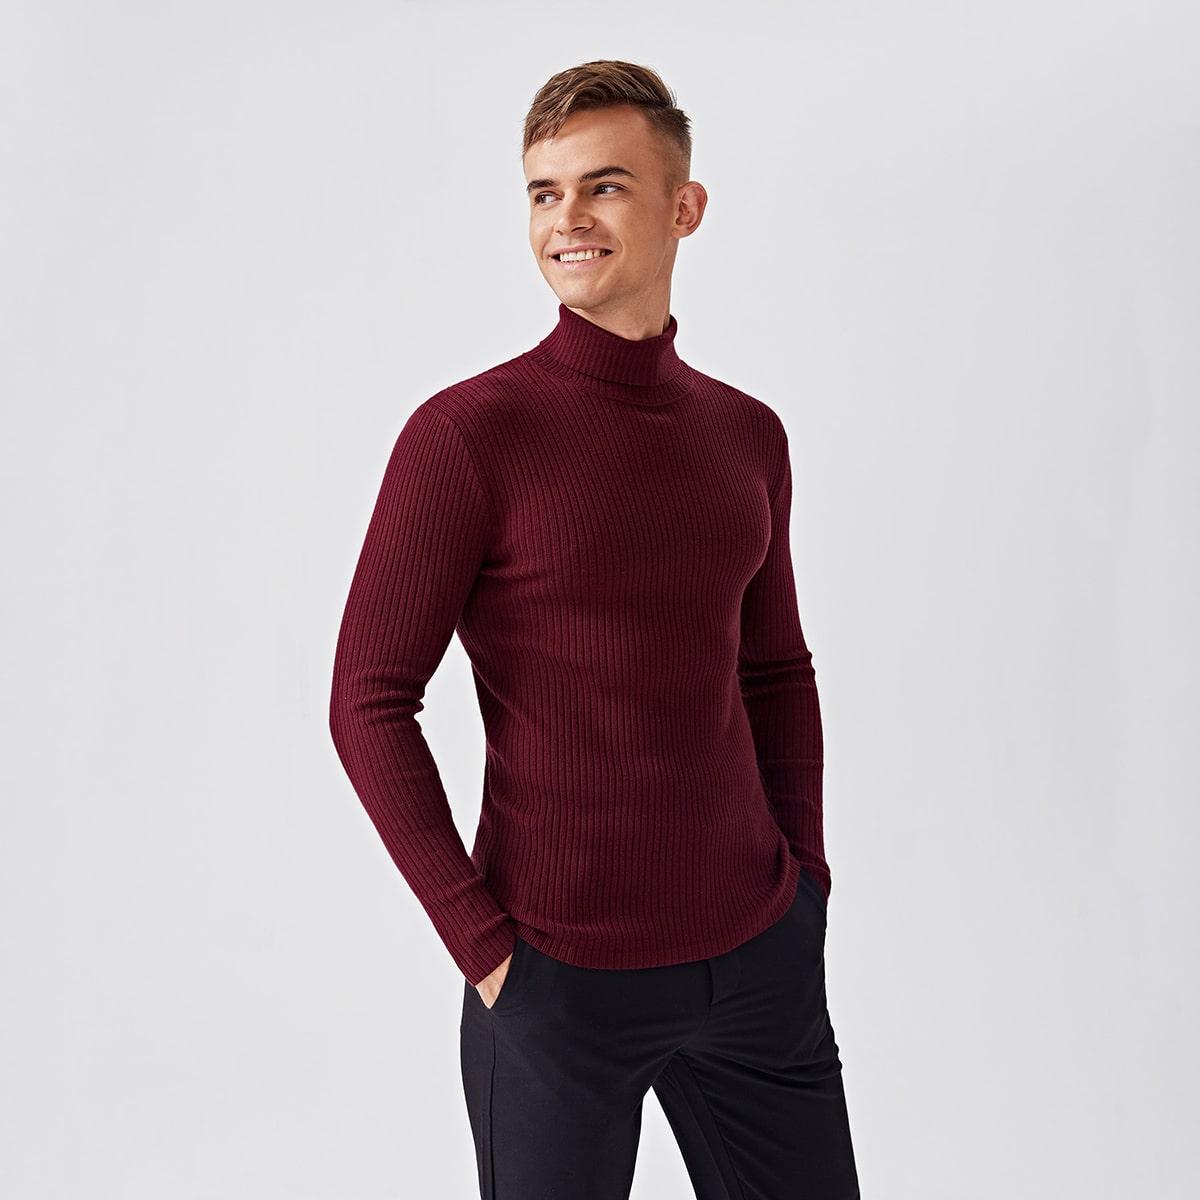 Мужской вязаный свитер в рубчик